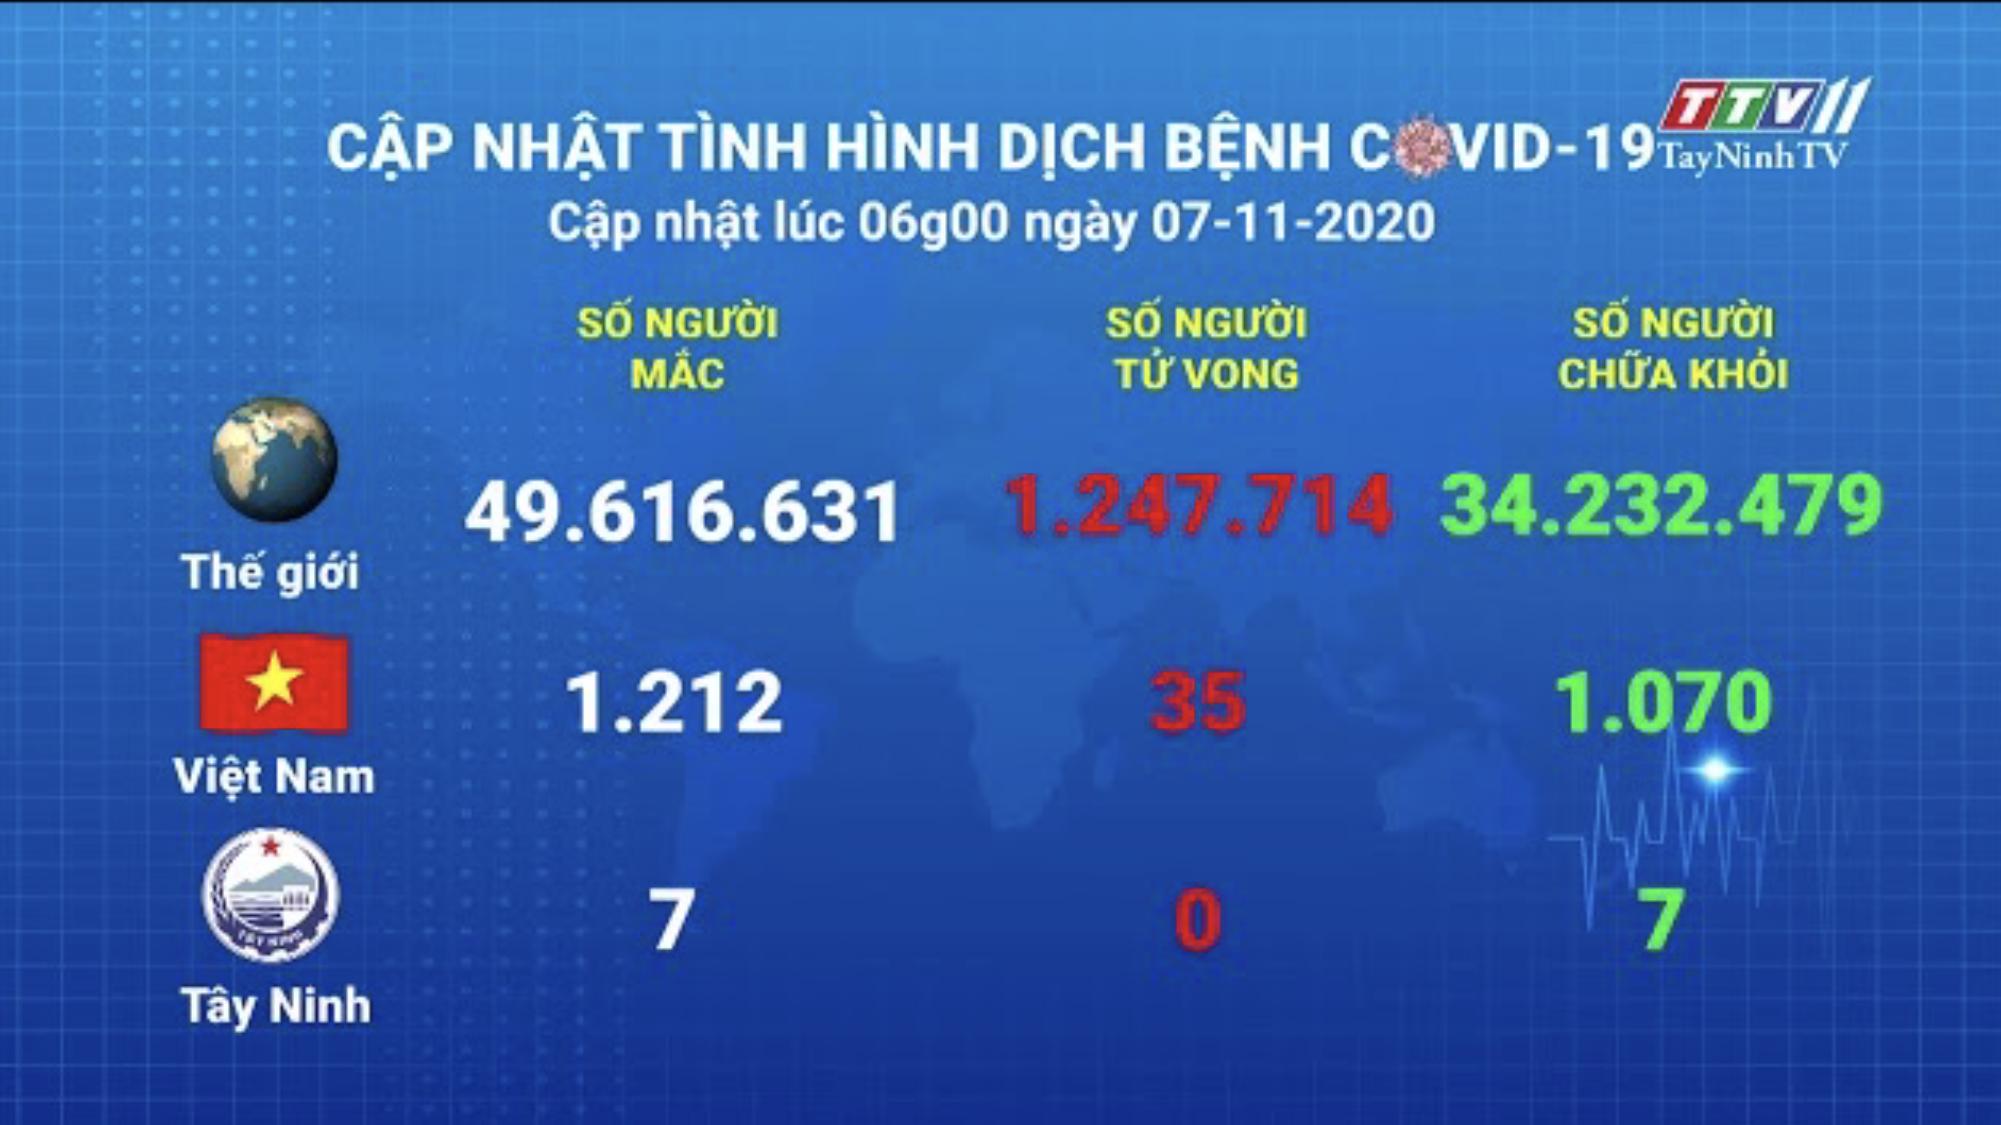 Cập nhật tình hình Covid-19 vào lúc 06 giờ 07-11-2020 | Thông tin dịch Covid-19 | TayNinhTV